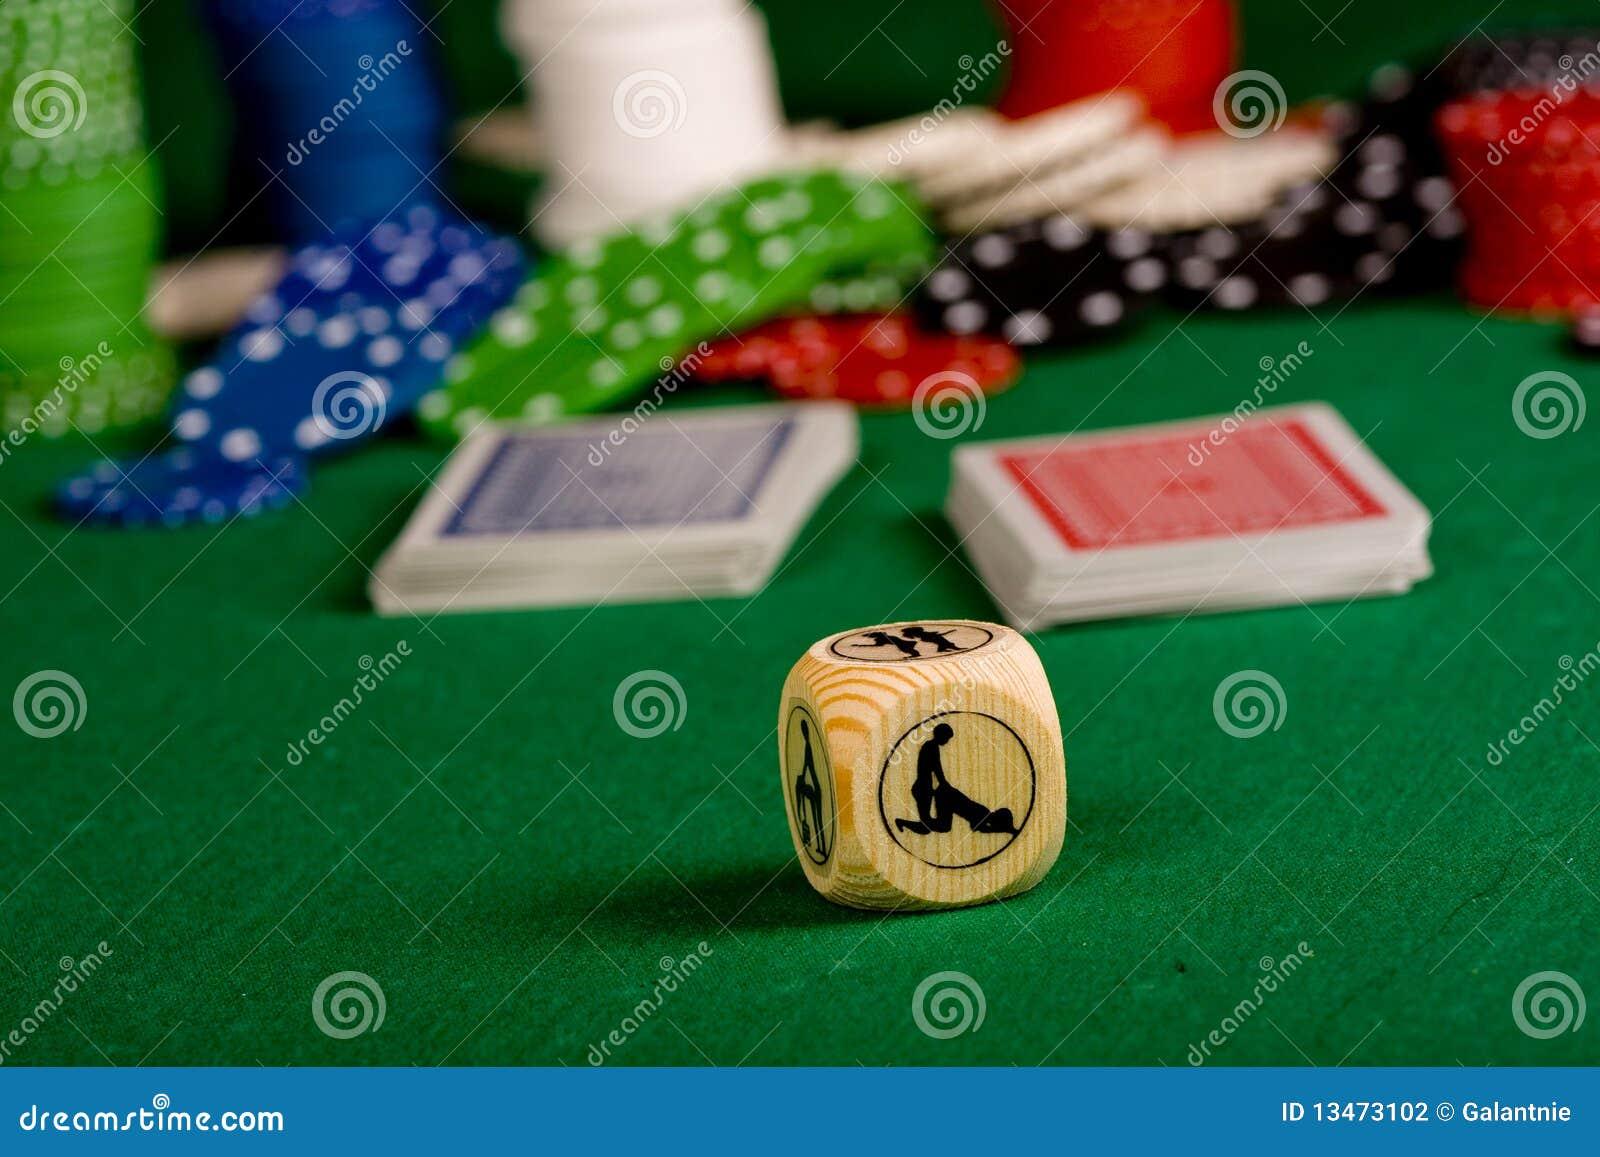 Card com free game poker sex